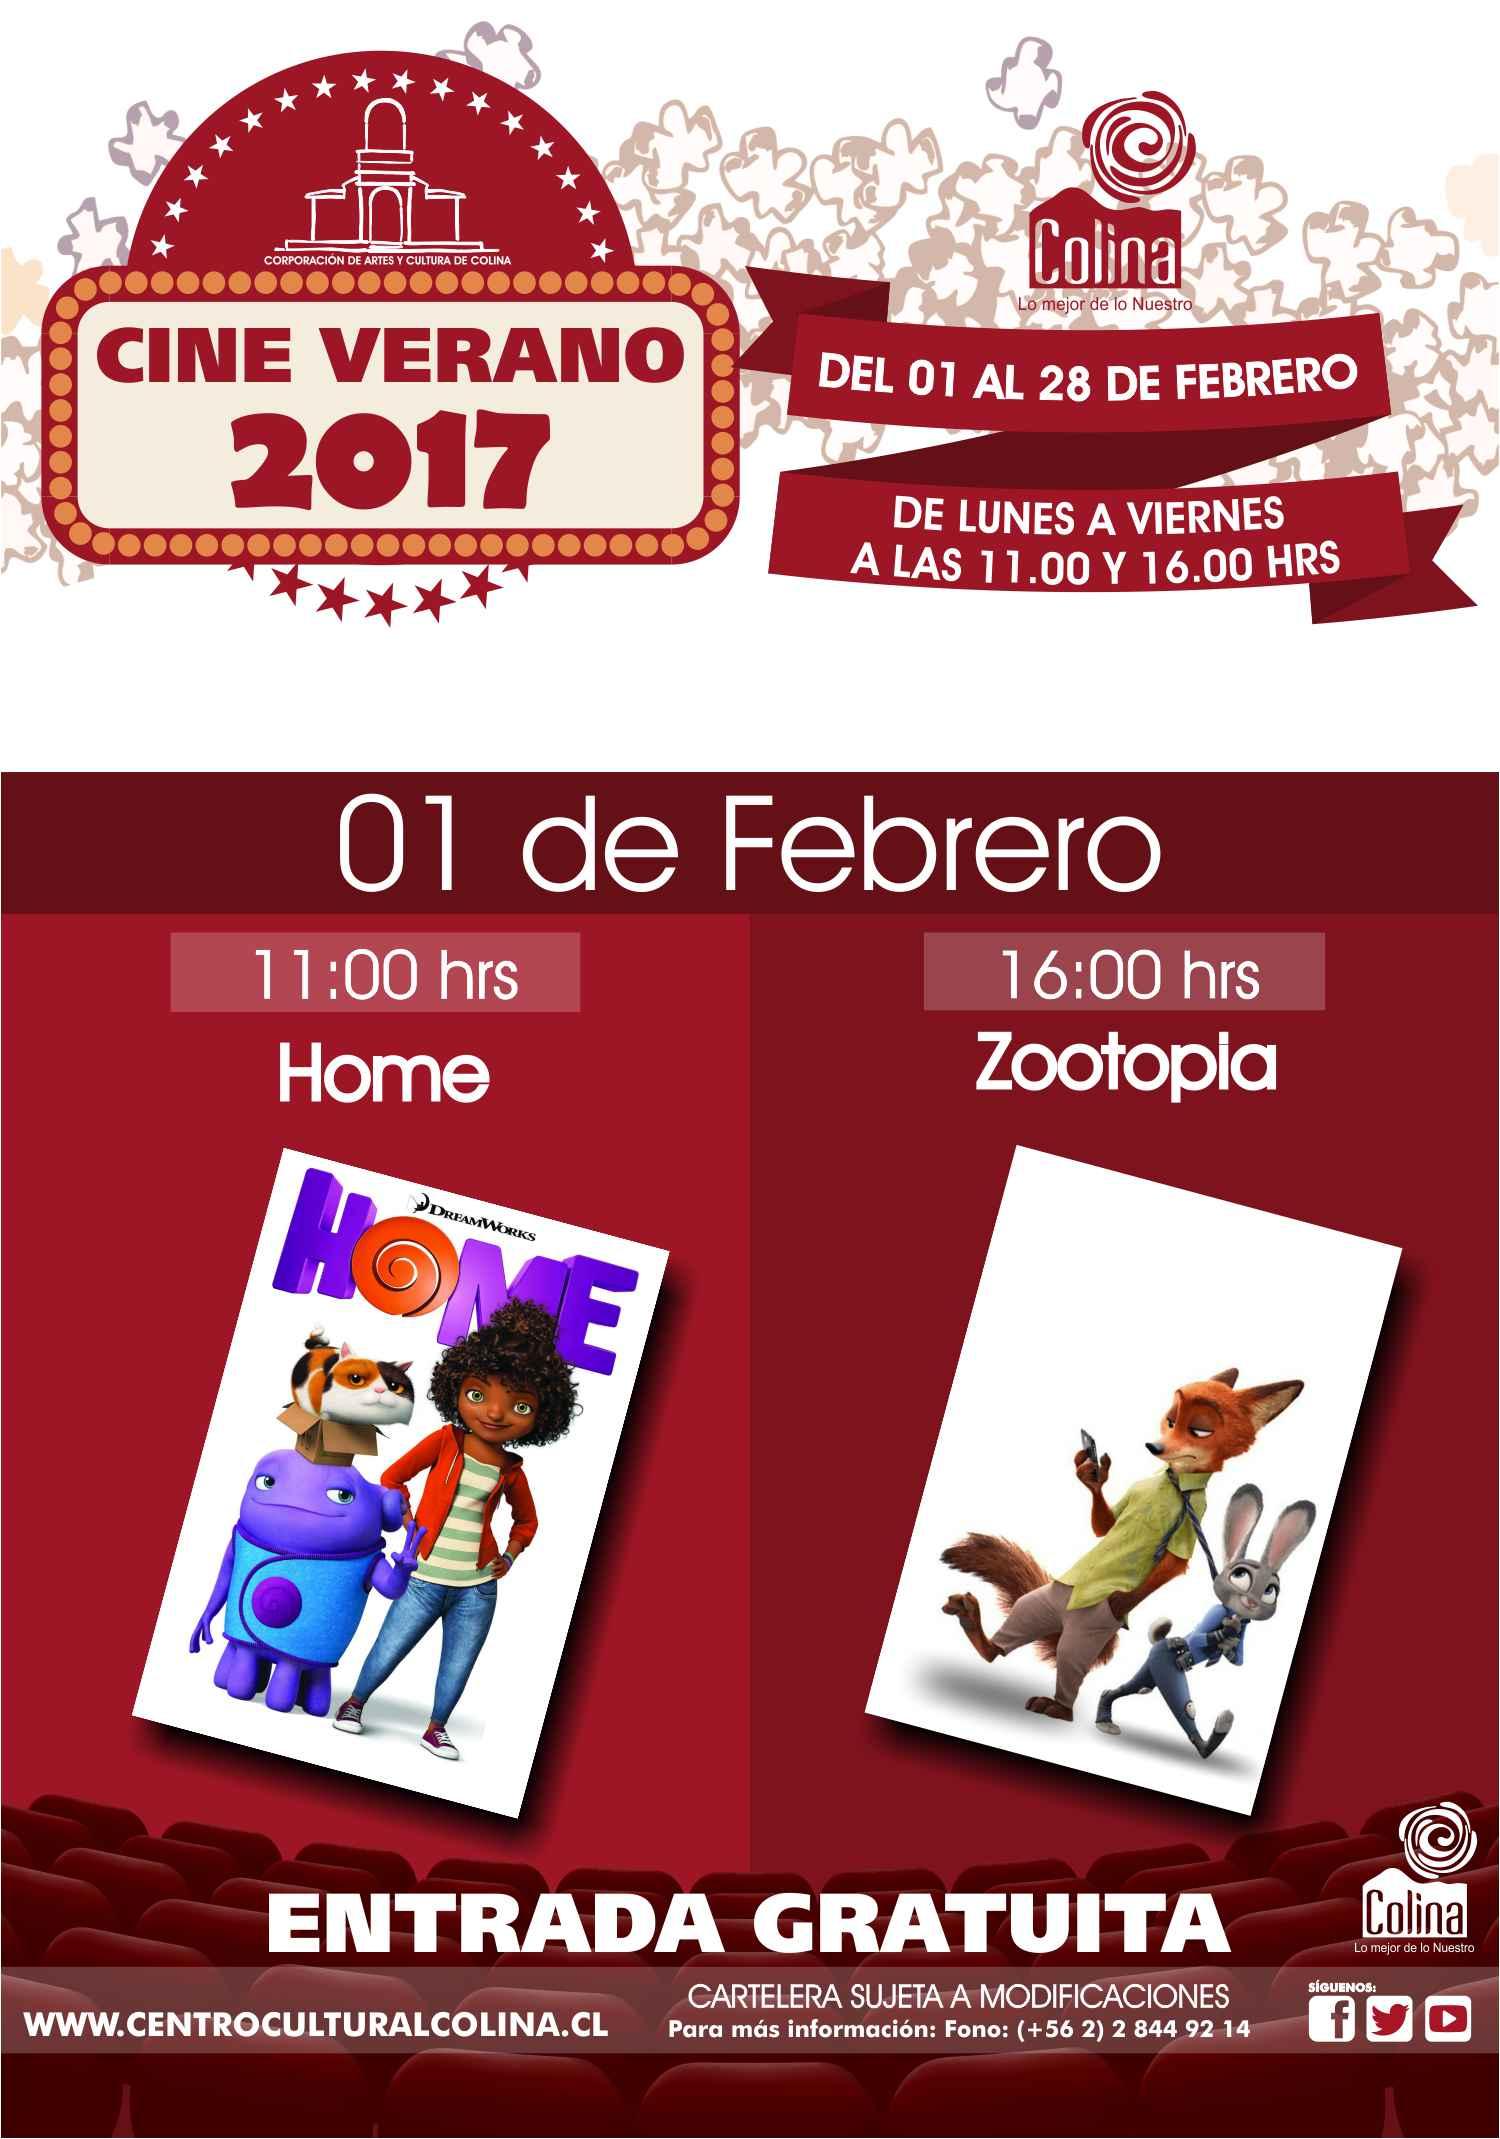 cine de verano 2017-01 de febrero